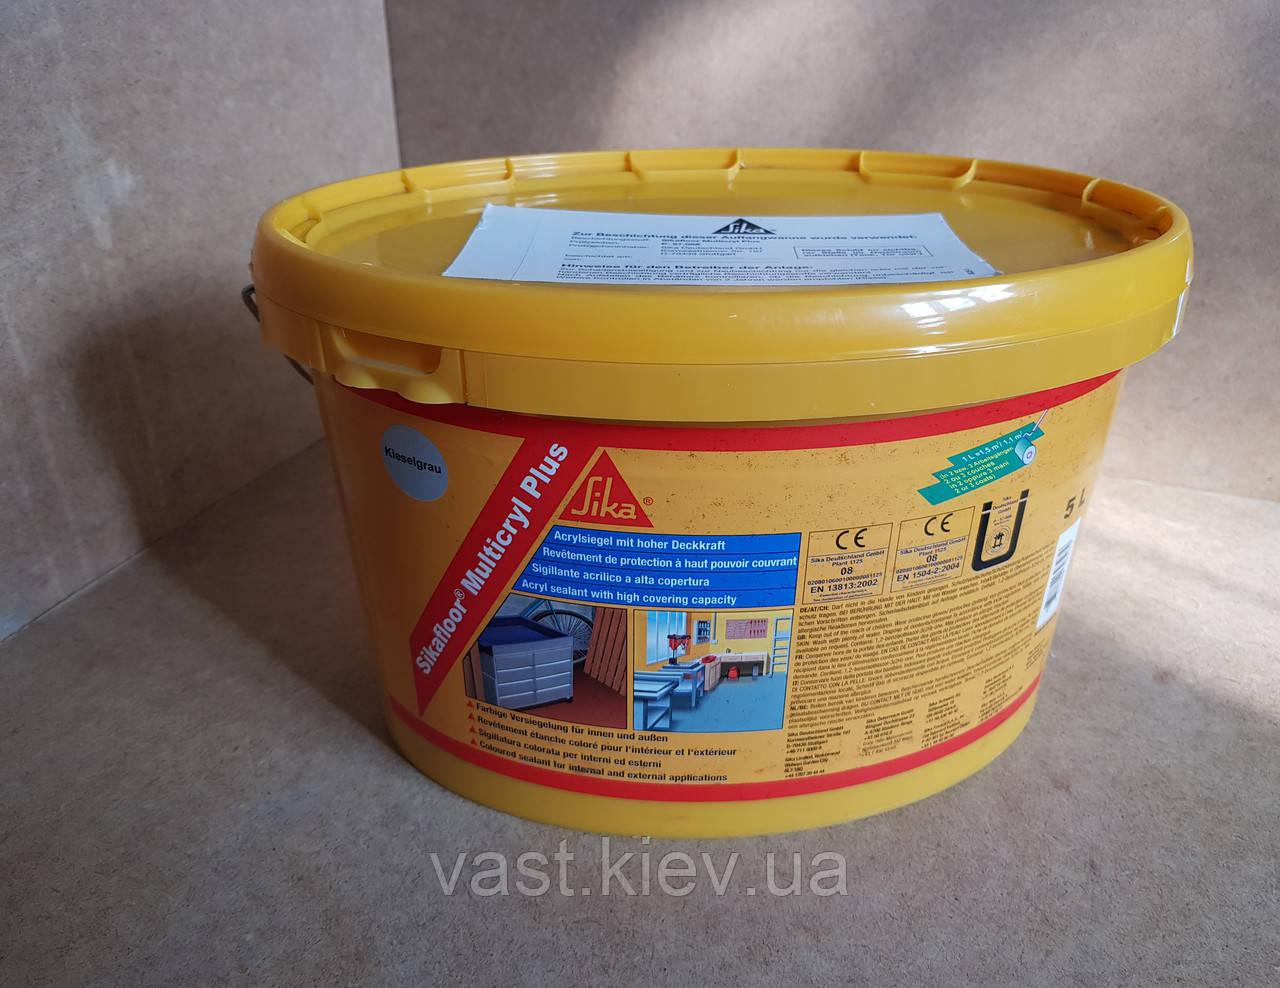 Покрытие финишное, химически стойкое для складов и помещений- Sikafloor Multicryl Plus, 5л